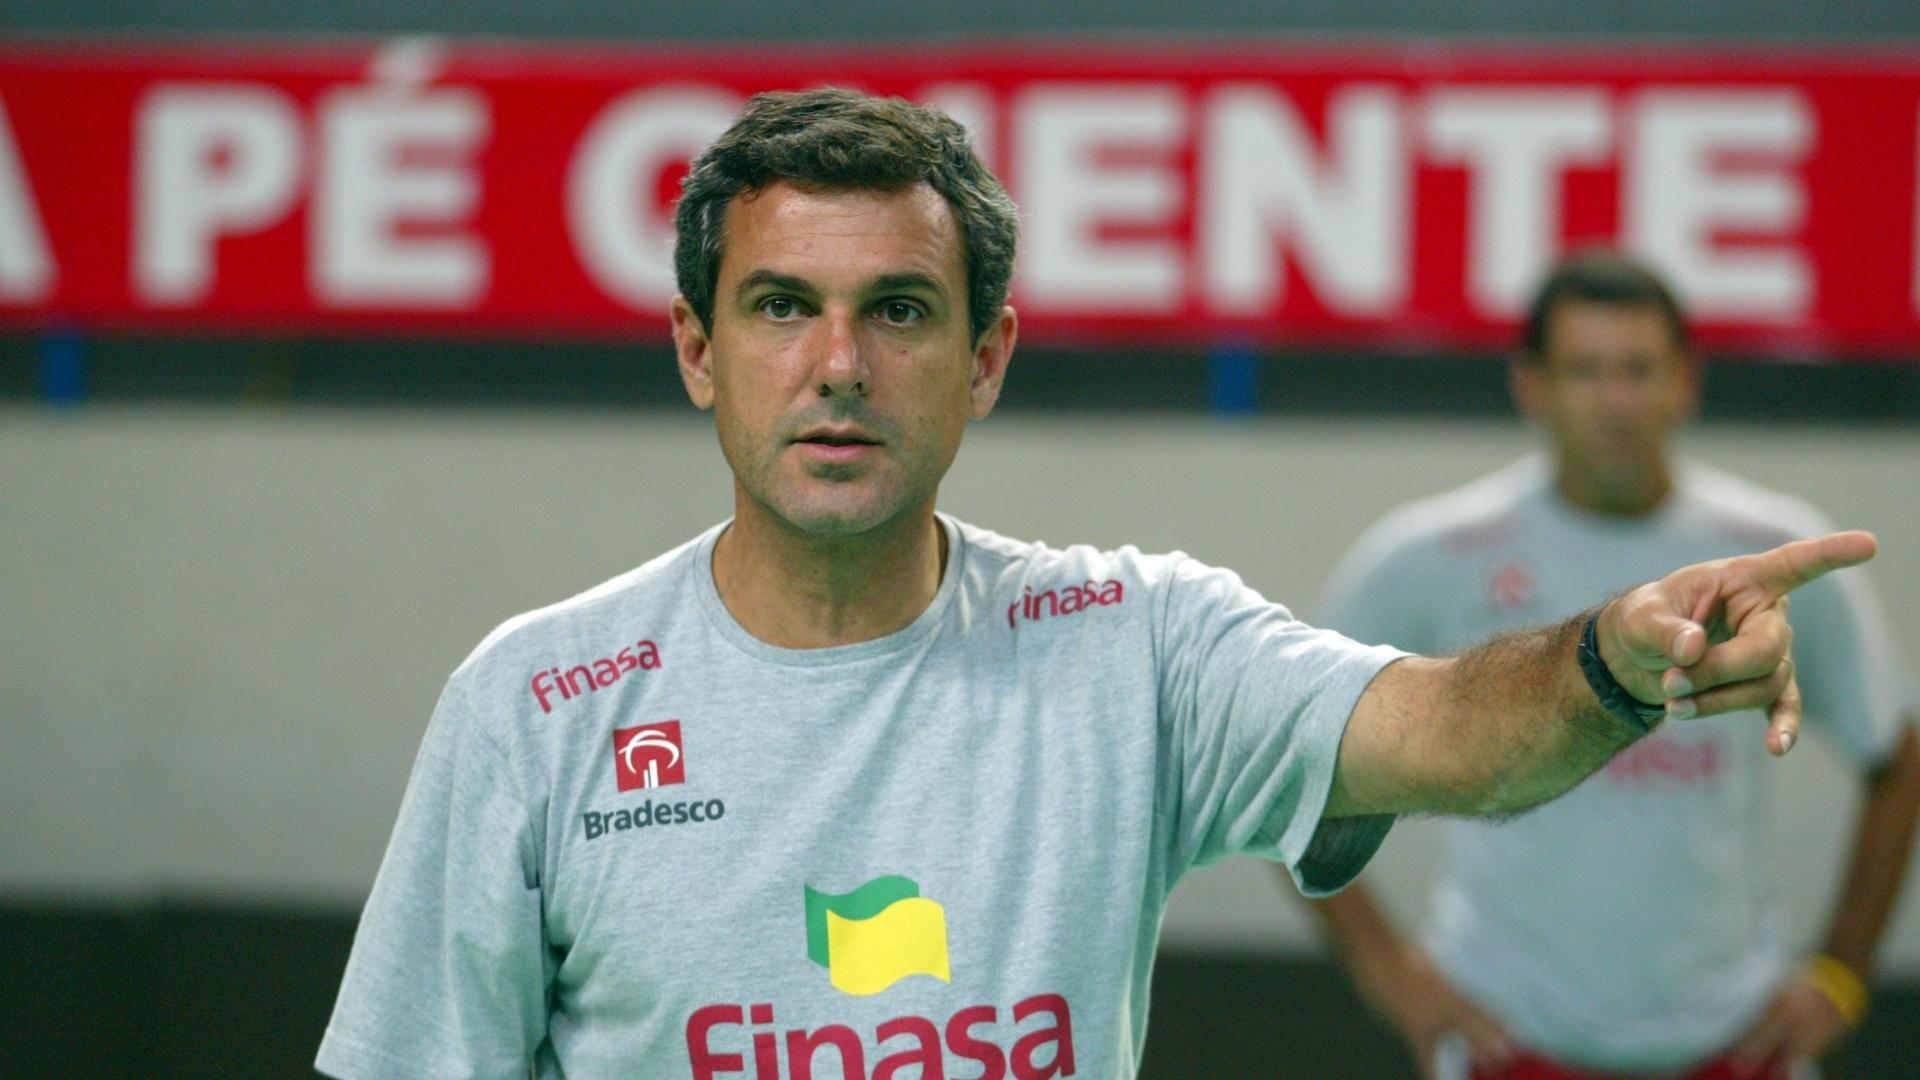 José Roberto Guimarães foi o primeiro técnico campeão desta rivalidade. Ele era treinador do Finasa/Osasco na temporada 2004/2005